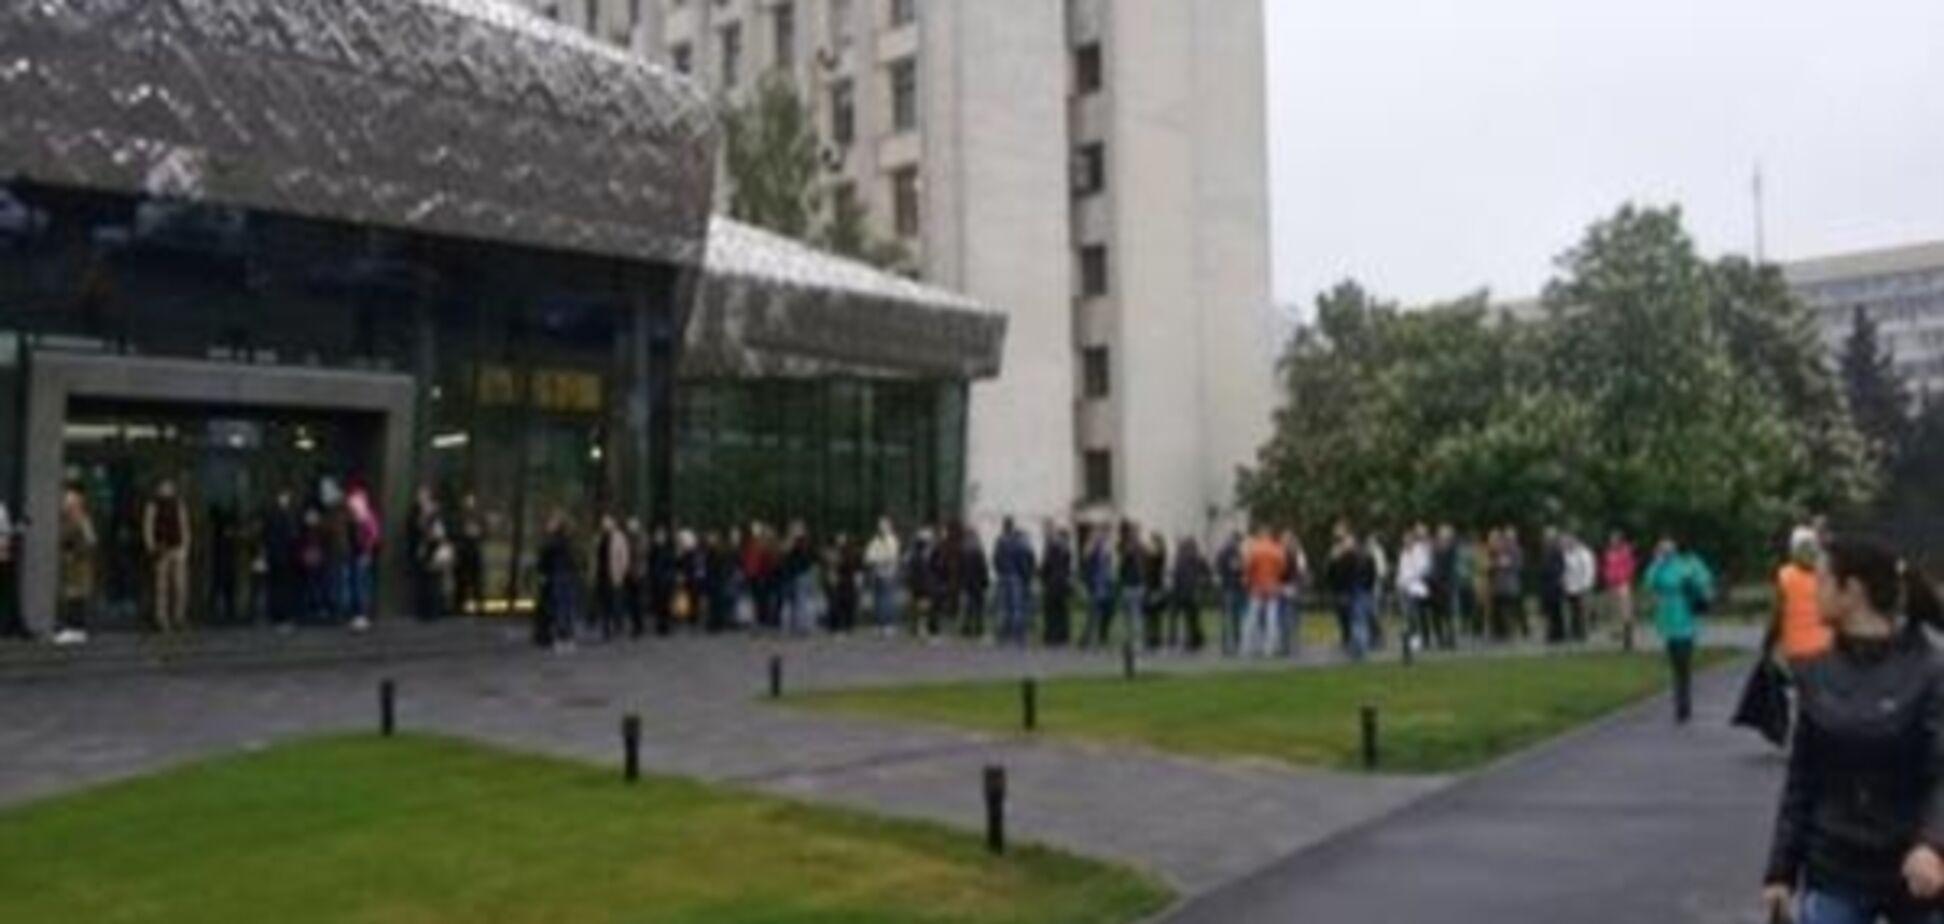 Безвиз для Украины: названы главные трудности для желающих получить биометрический паспорт